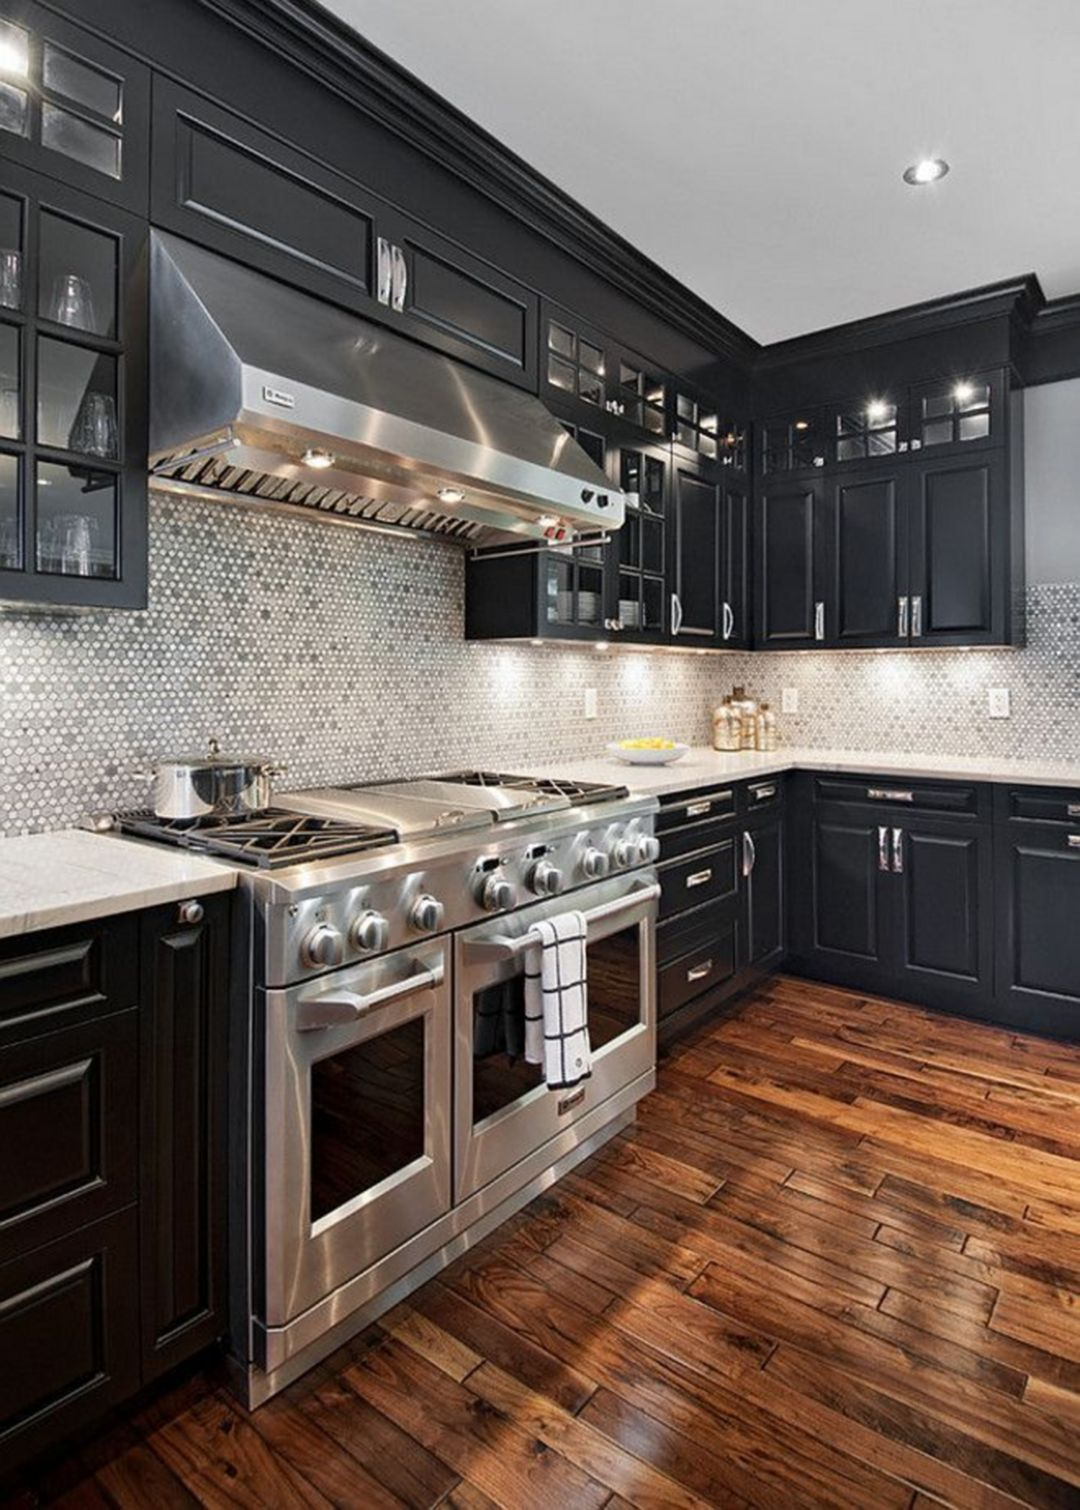 Küchendesign diy  elegant black kitchen design ideas to jump start your next